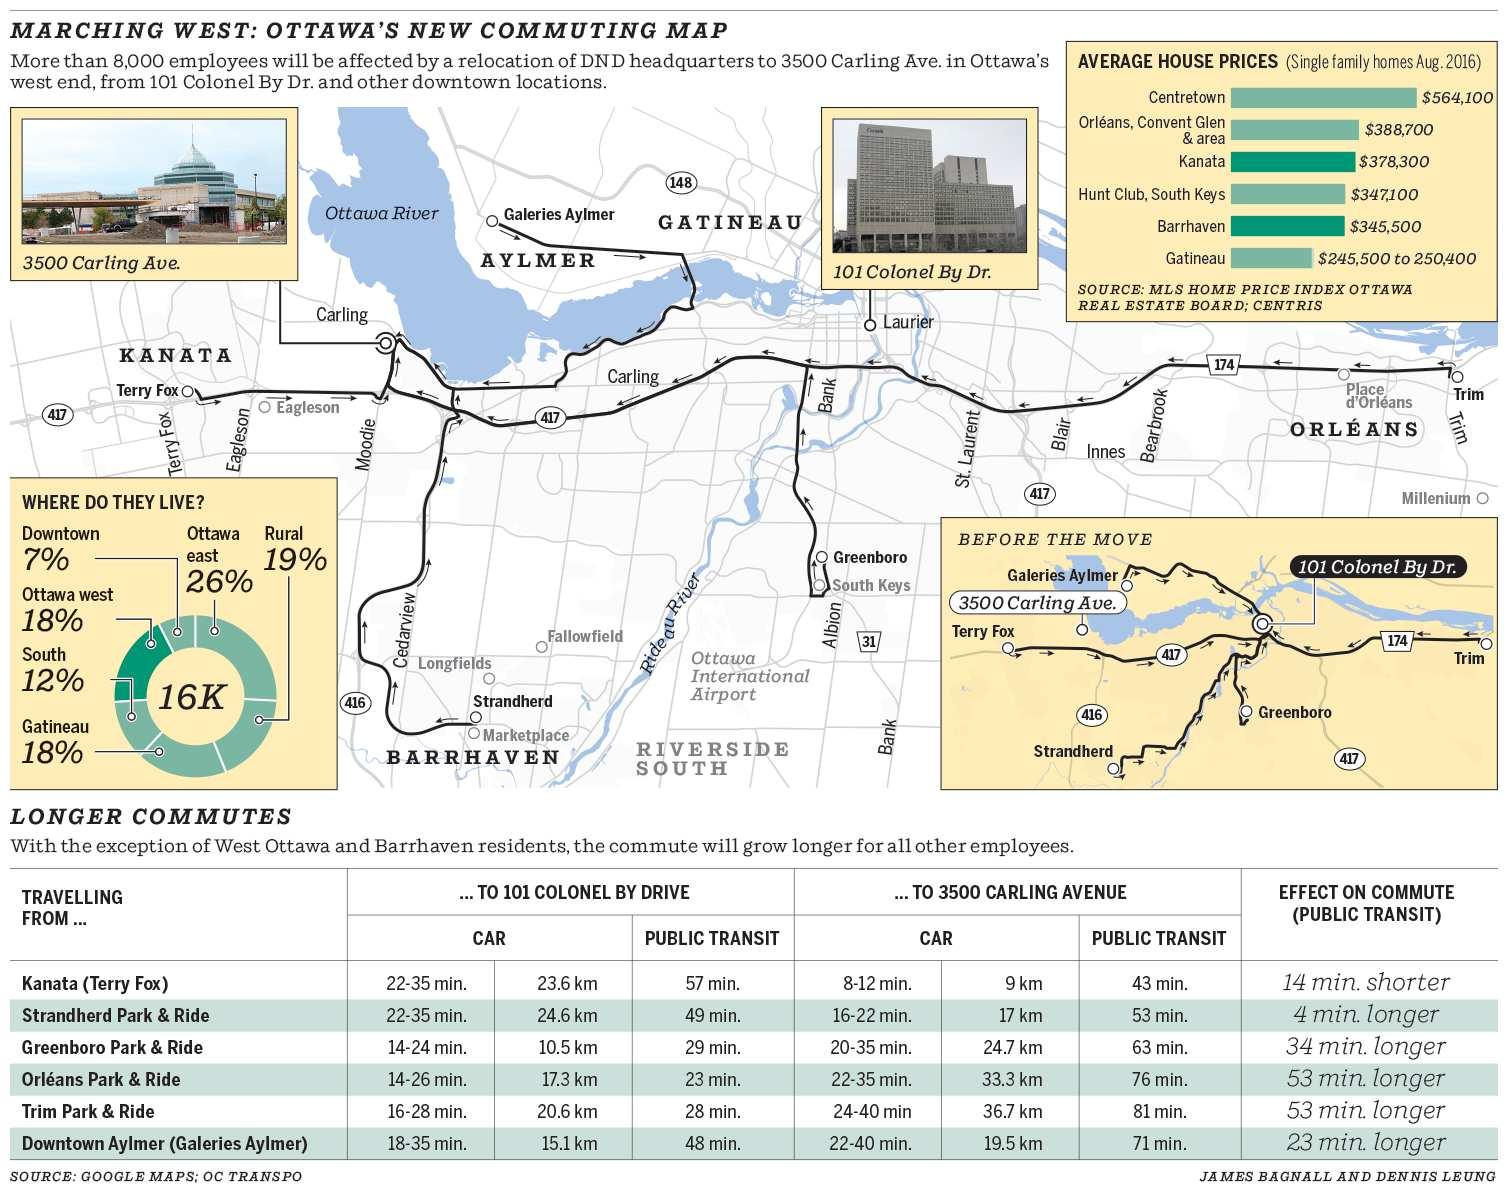 Ottawa Dnd Locations Ottawa Relocations Ottawa Model Diagram